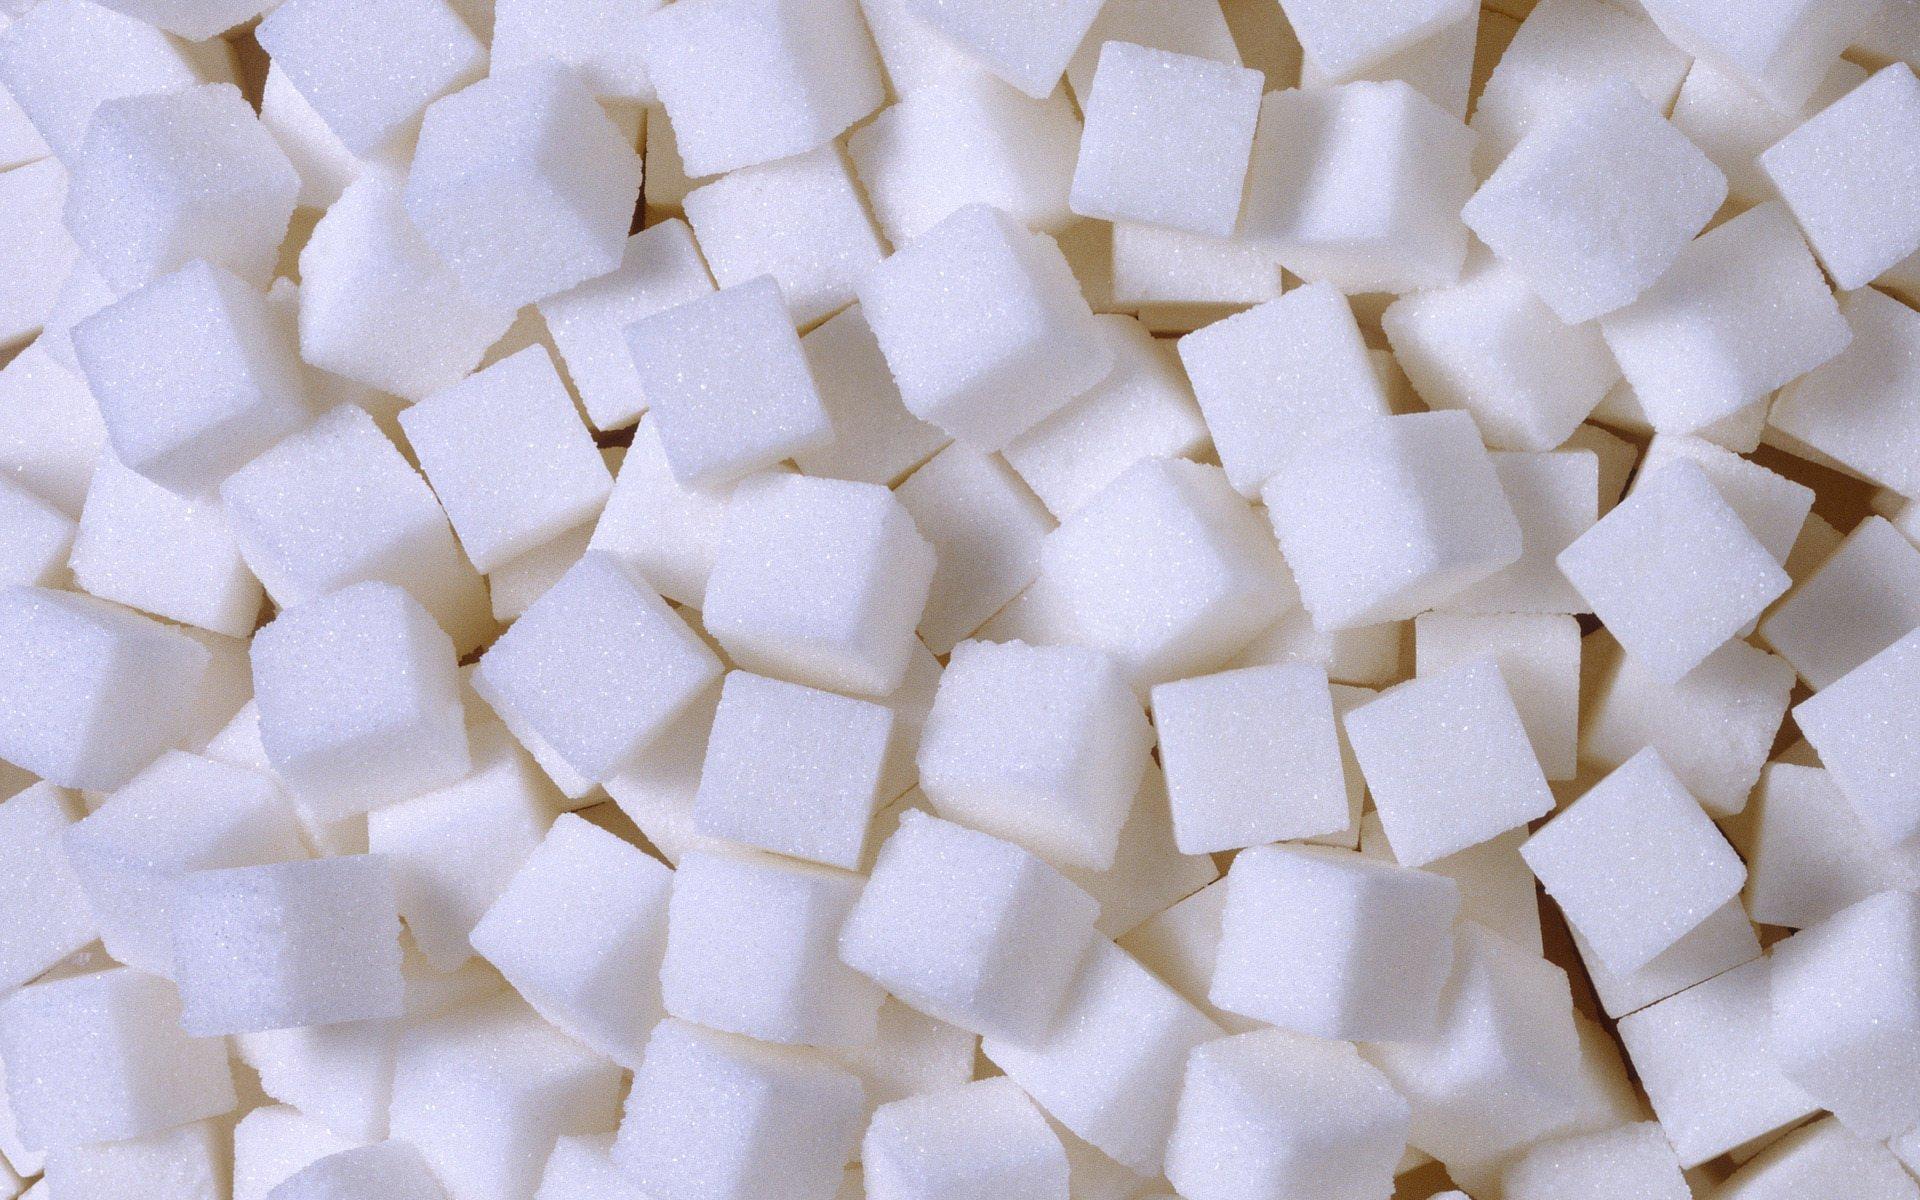 Сахар и сладкое. Вред или польза? Что говорит наука...